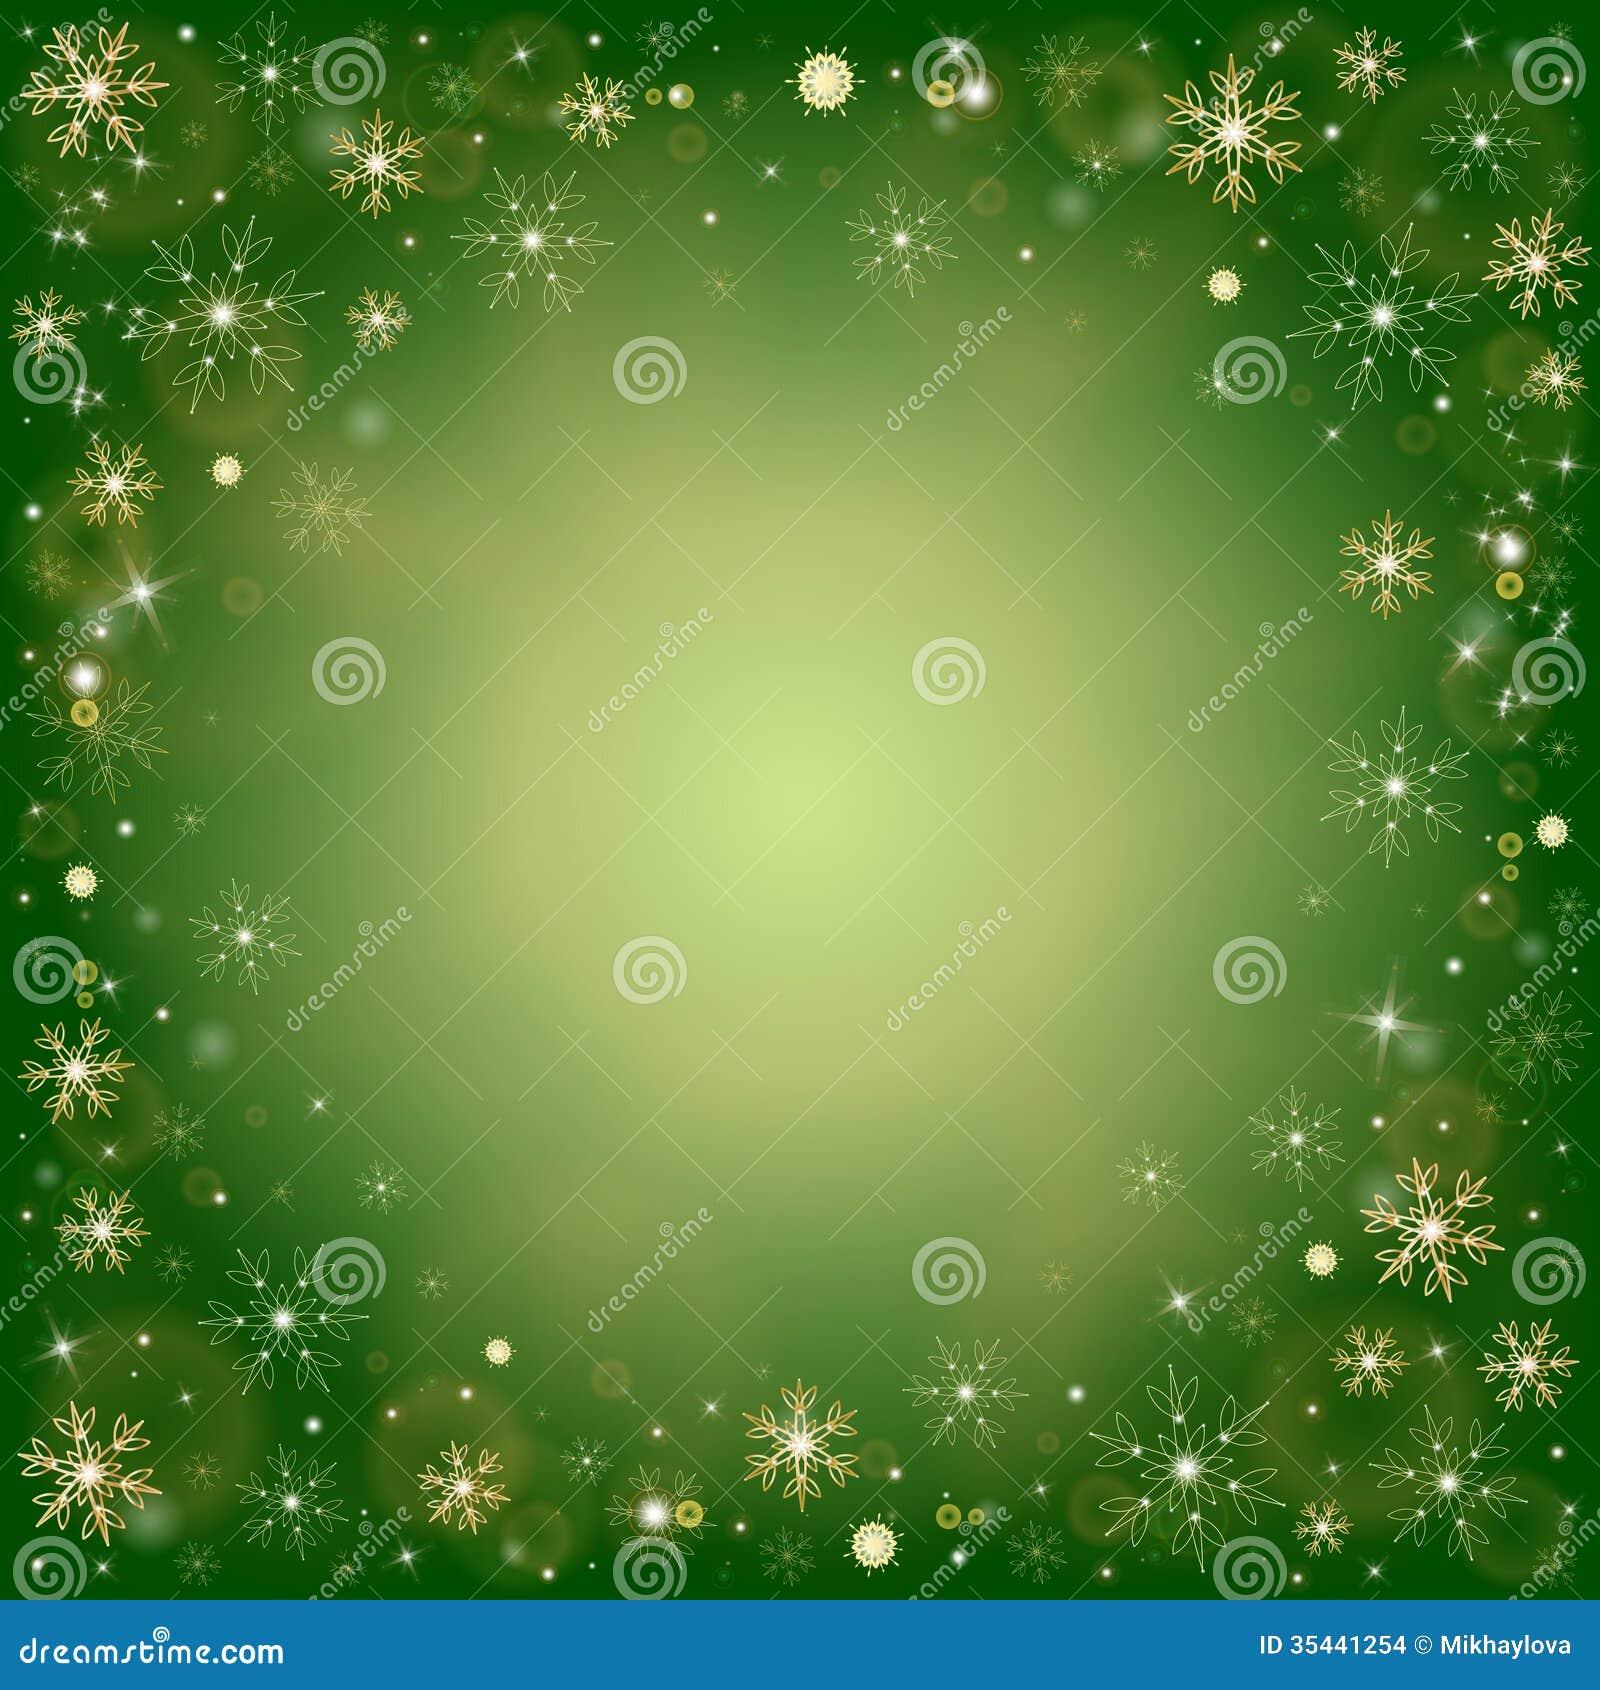 Snowflake Christmas Light